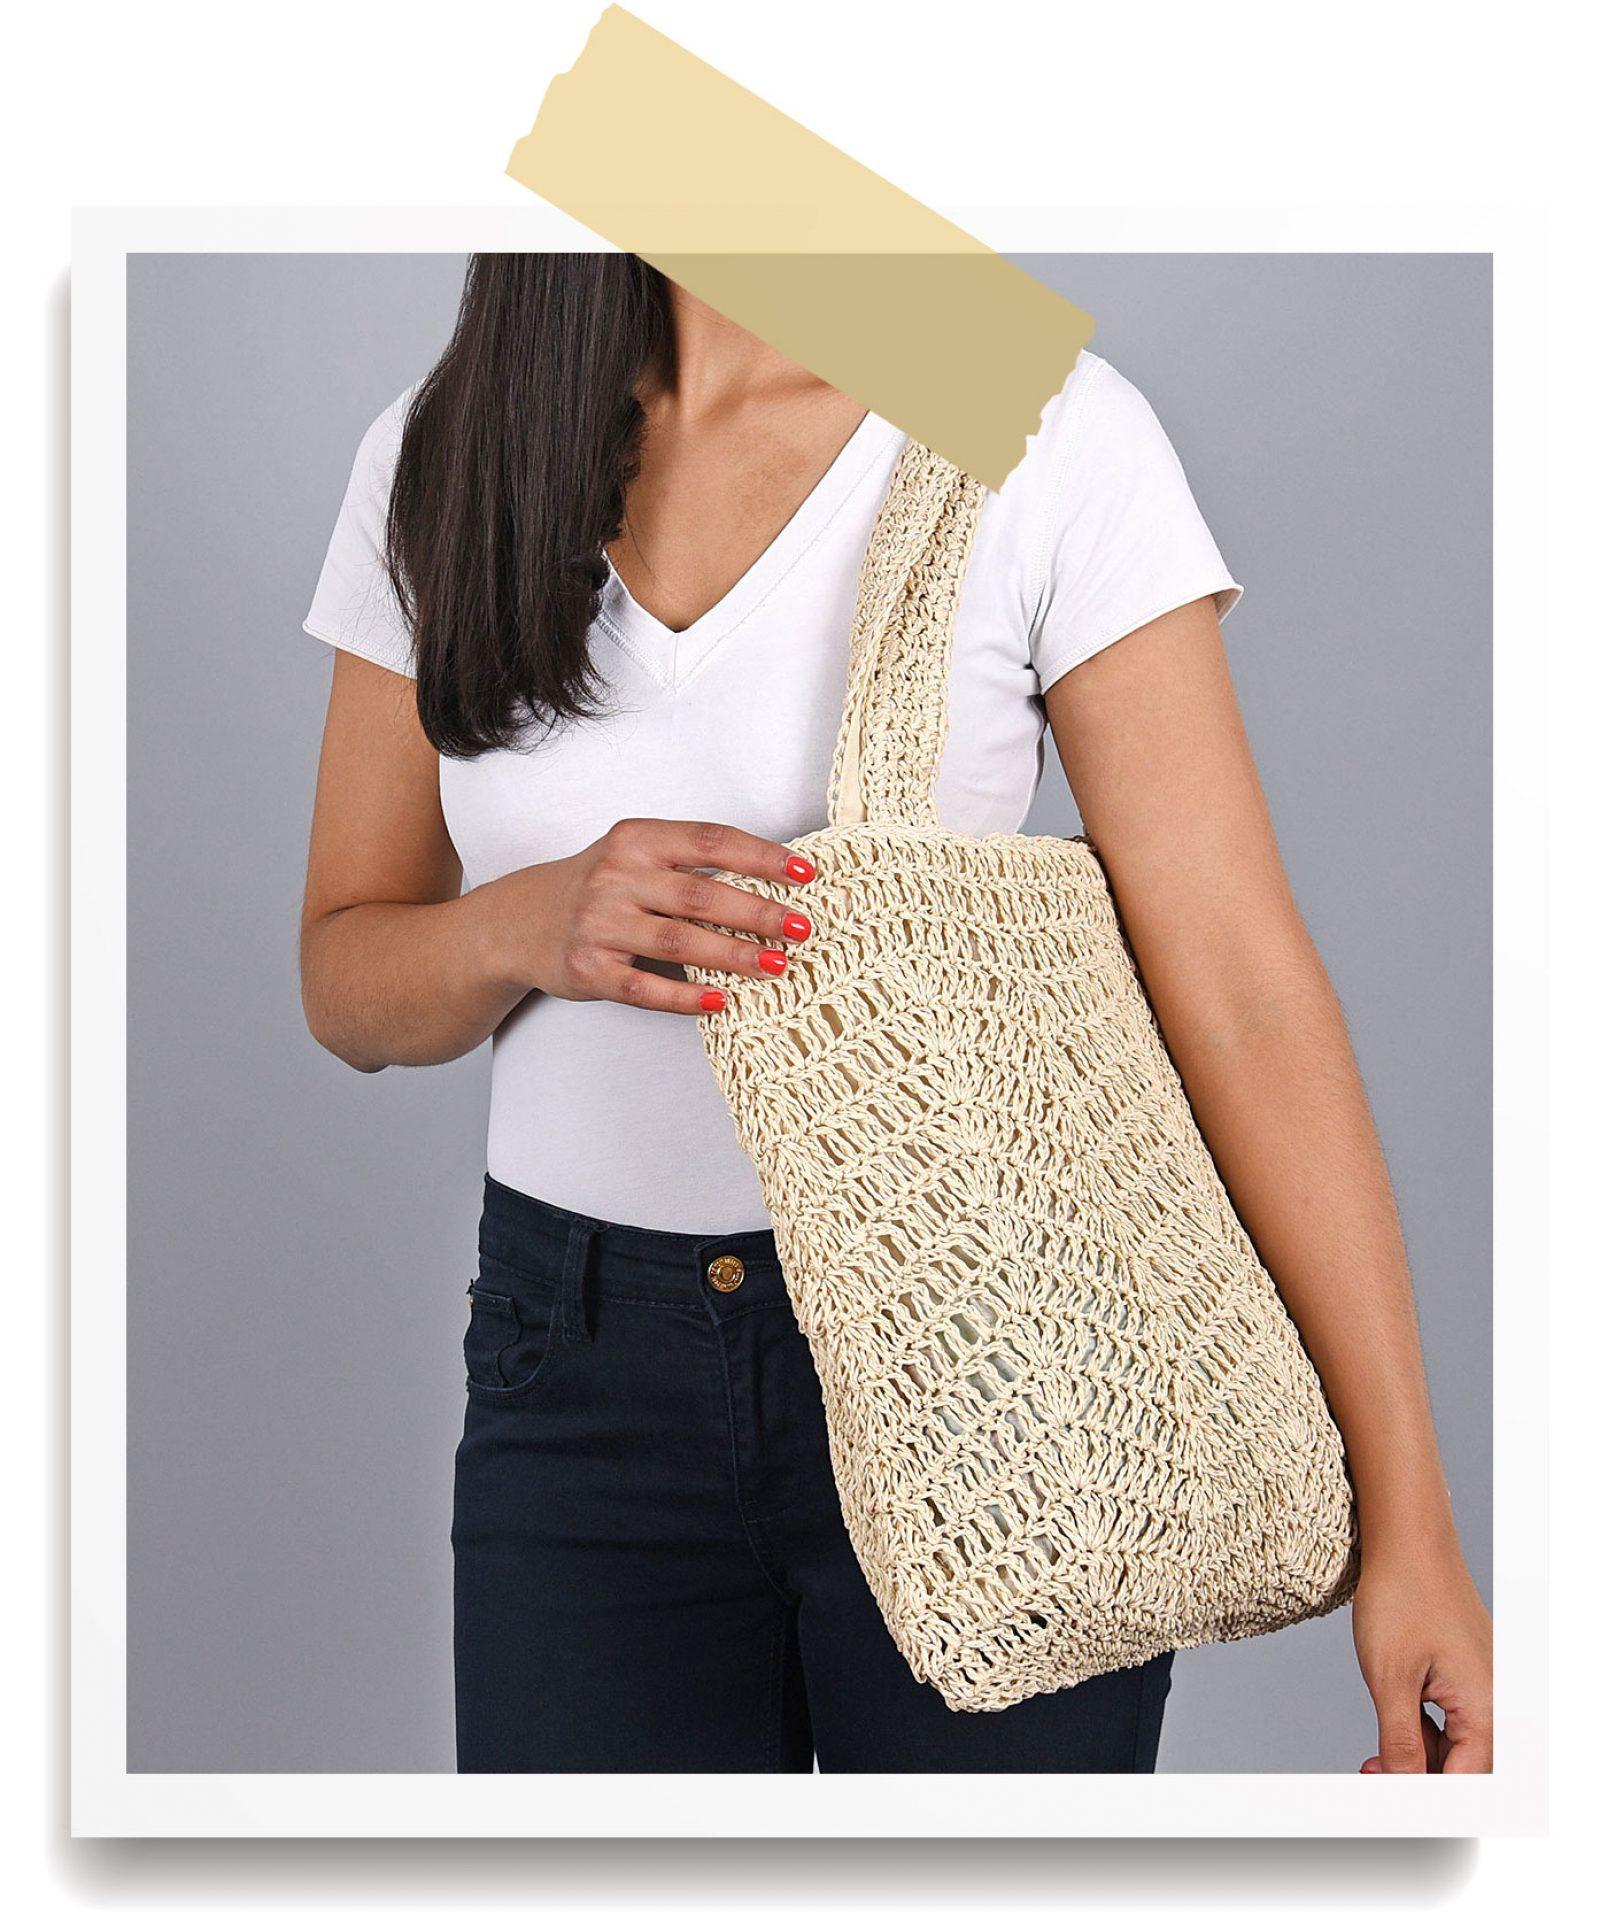 http://lookbook.allee-du-foulard.fr/wp-content/uploads/2018/06/0680-ADF-Accessoires-de-mode-LB-Soldes-Ete-sac-pizco-1600x1930.jpg